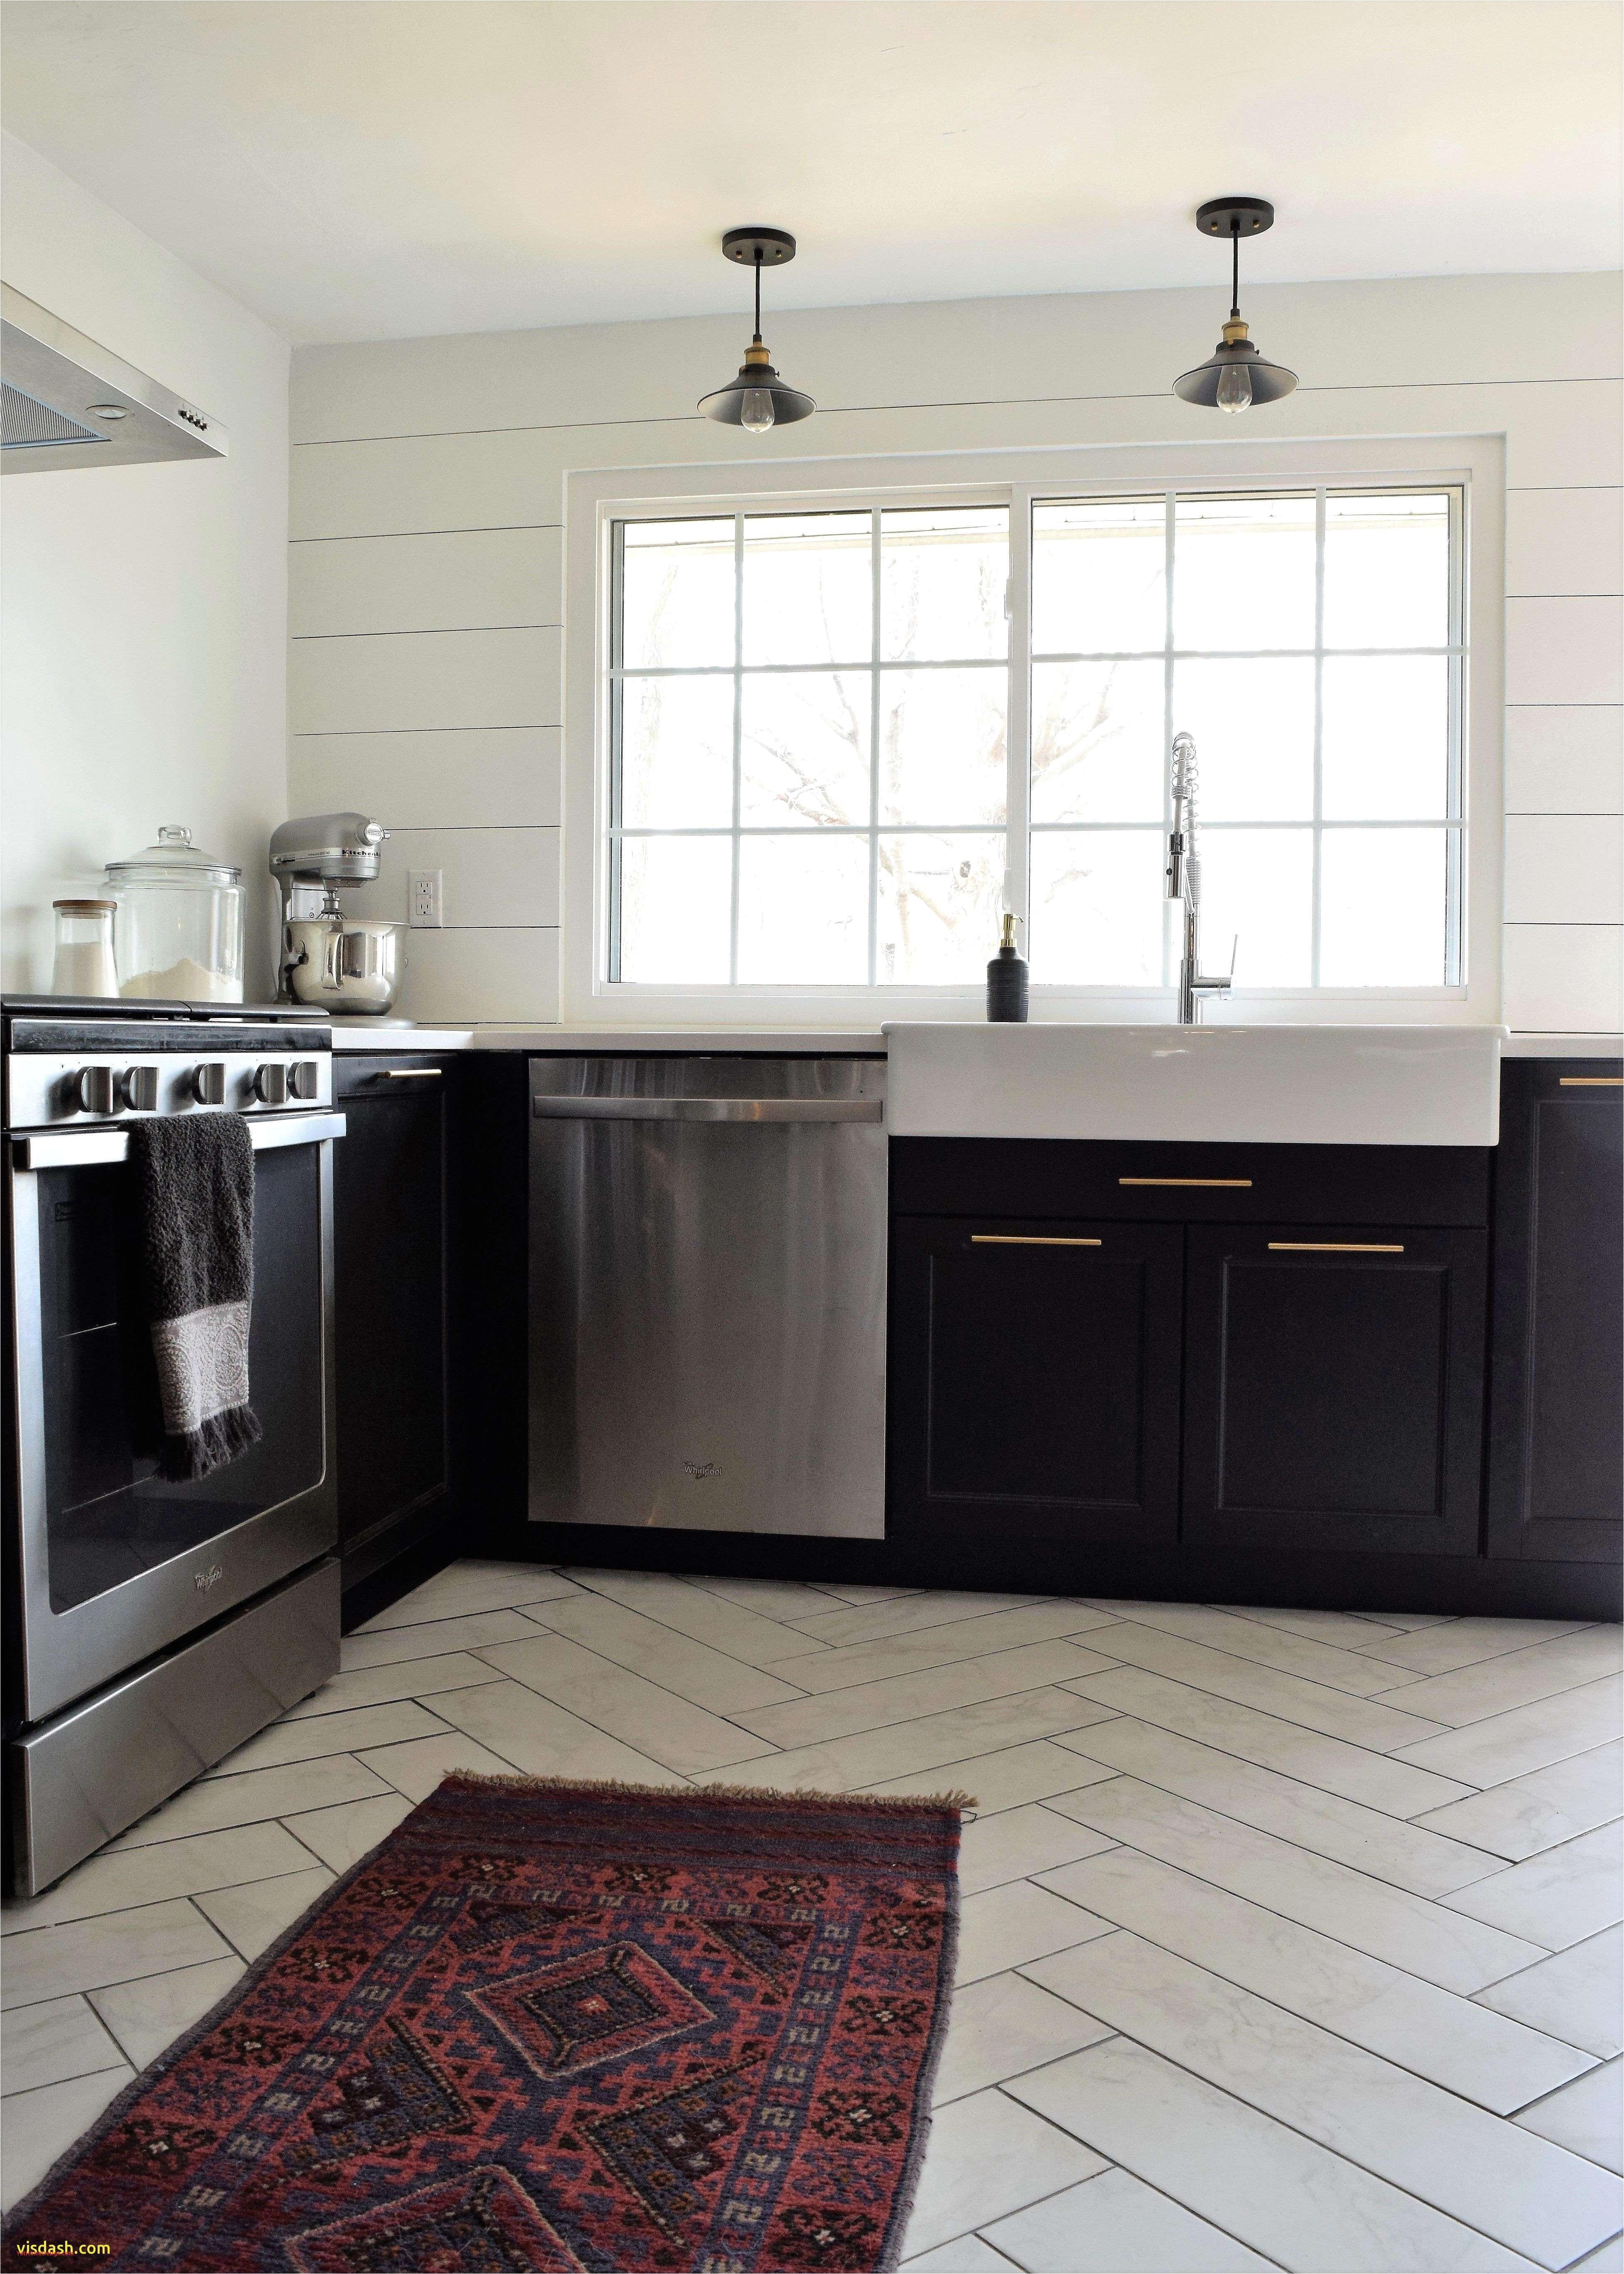 kitchen wall tiles ideas luxury lovely kitchen wall tiles design ideas